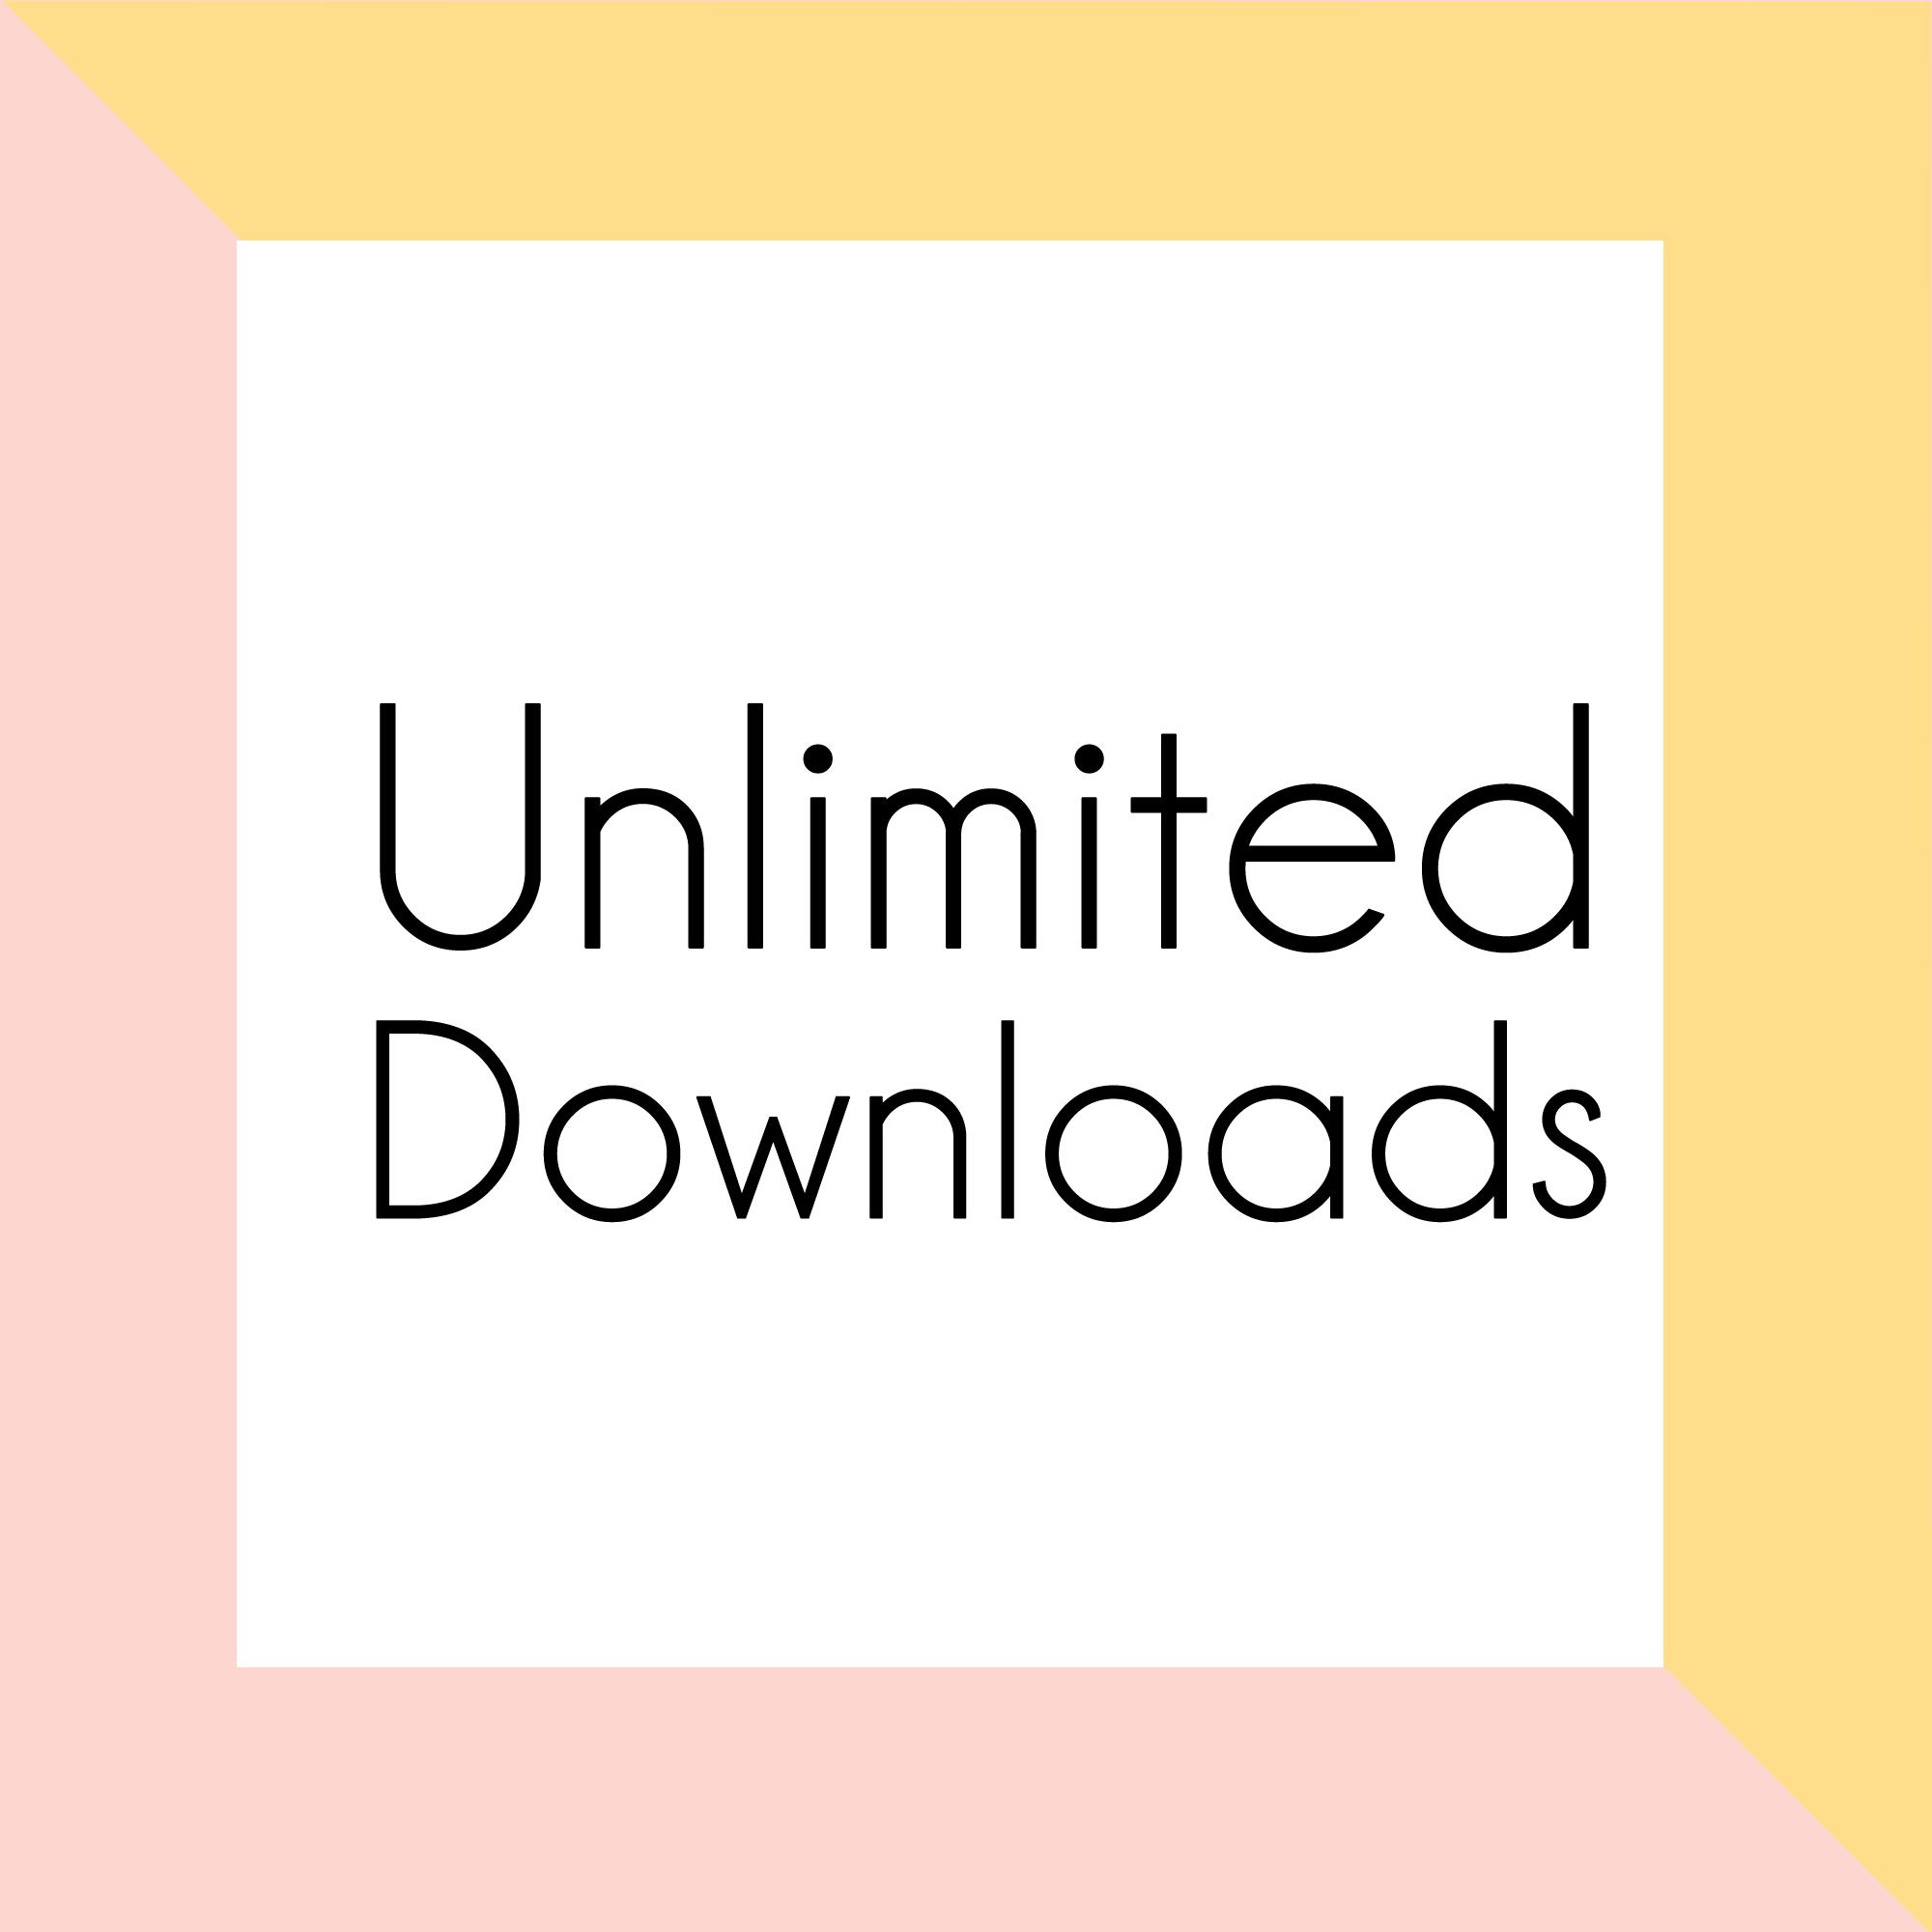 downloadstext.jpg